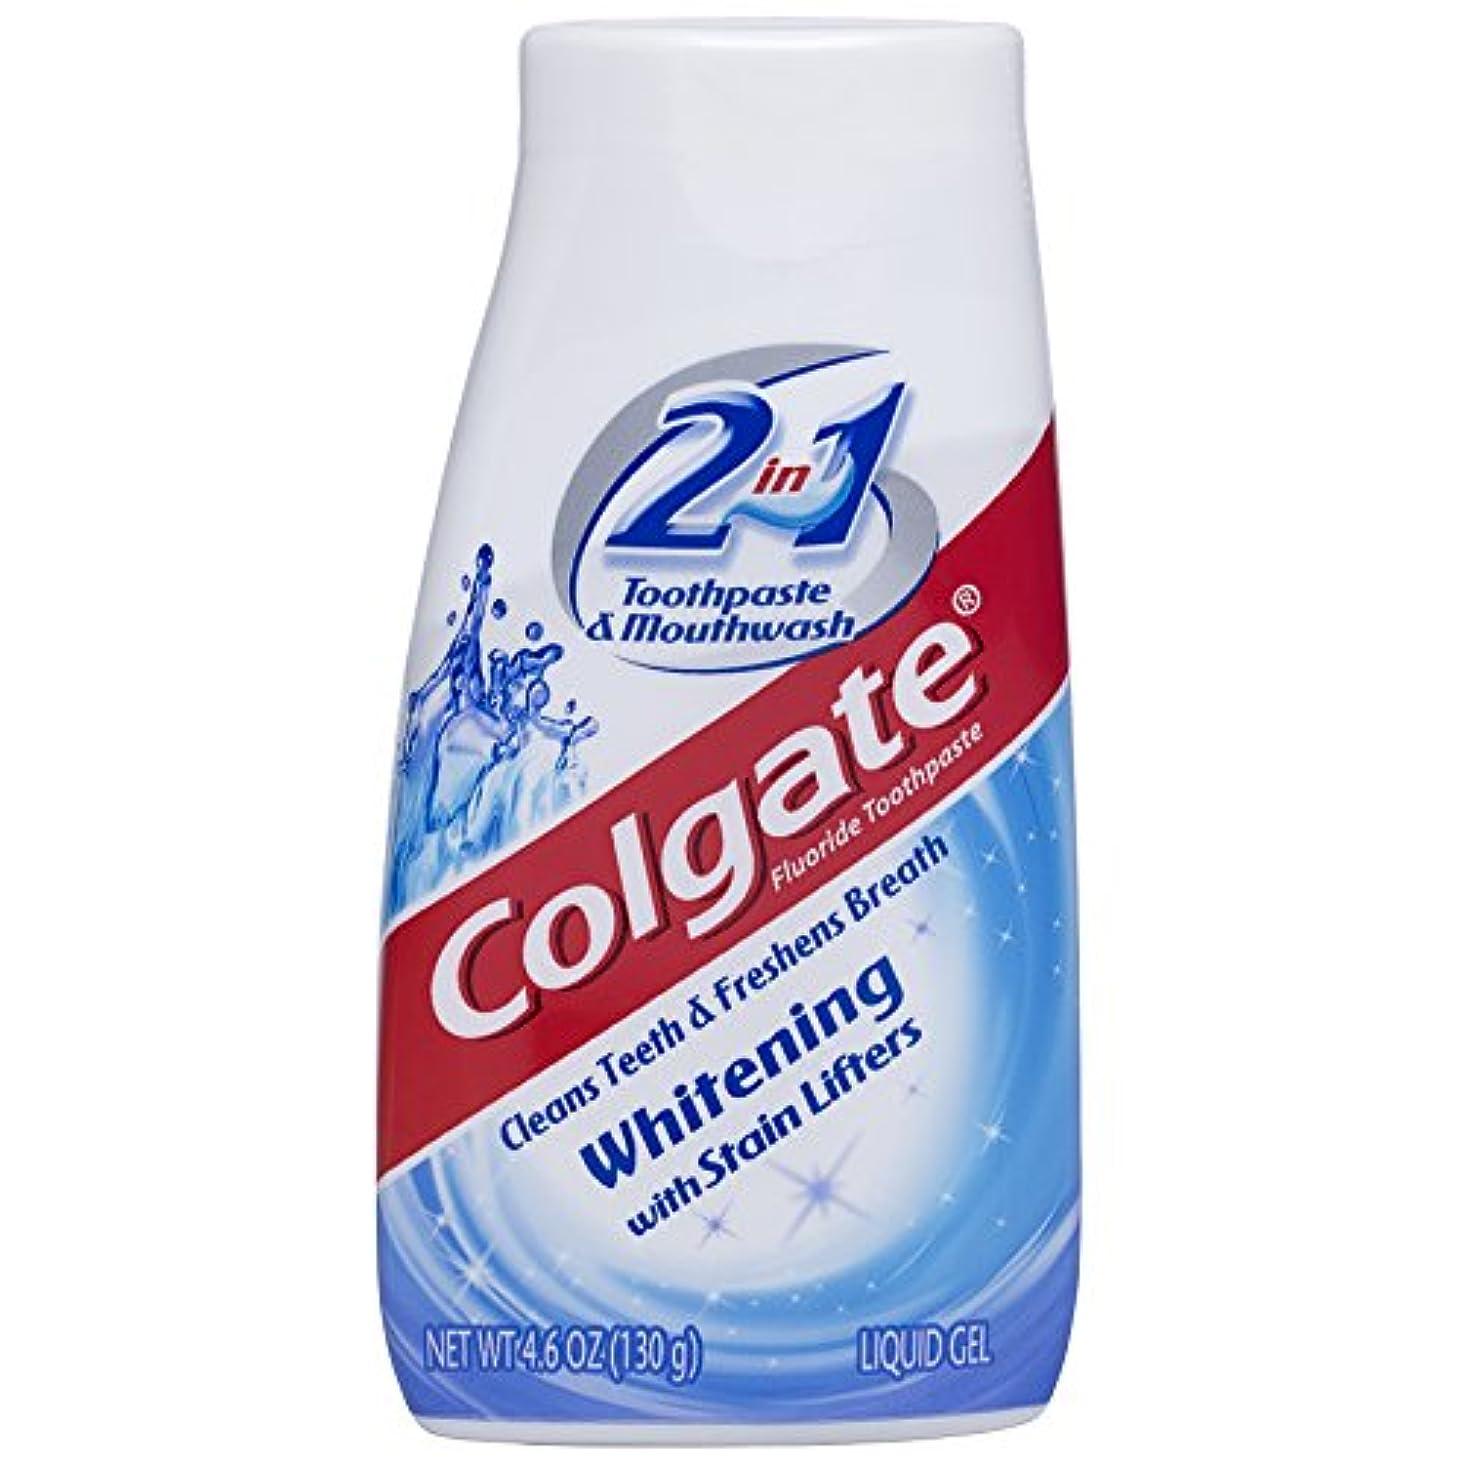 女優ジャングル反対に海外直送品Colgate 2 In 1 Toothpaste & Mouthwash Whitening, 4.6 oz by Colgate